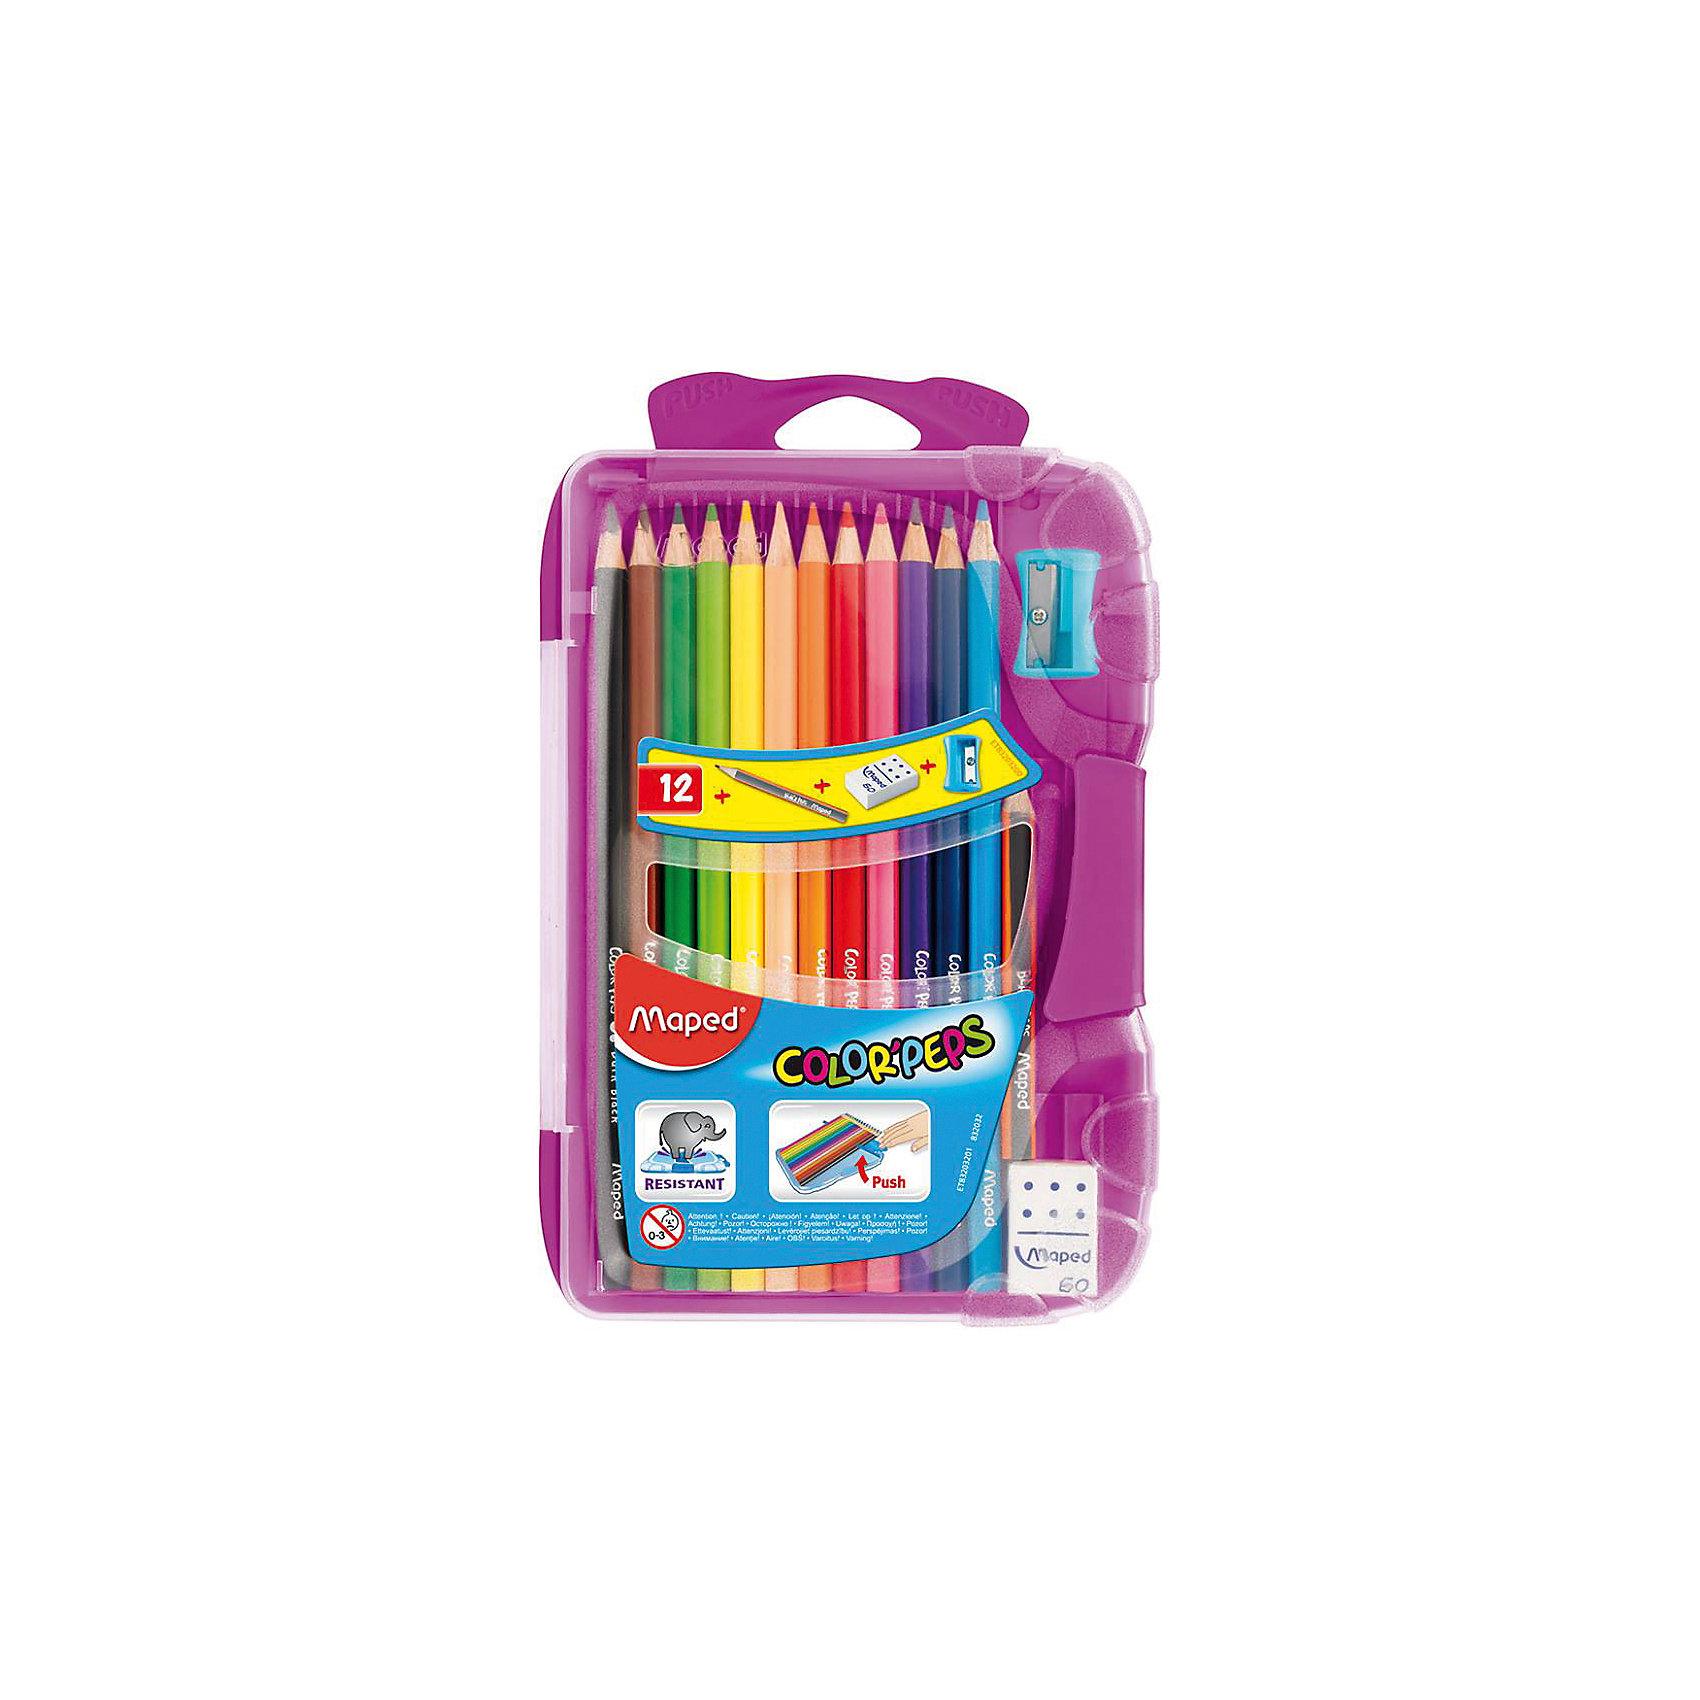 Набор цветных карандашей в пенале КАР COLORPEPS, 12 цв.Набор цветных карандашей в пенале КАР COLORPEPS, 12 цв. от марки Maped<br><br>Эти карандаши созданы компанией Maped для комфортного и легкого рисования. Легко затачиваются, при этом грифель очень устойчив к поломкам. Цвета яркие, линия мягкая и однородная.<br>Грифель - из высококачественного материала. В наборе - 12 карандашей разных цветов. Они отлично лежат в руке благодаря удобной форме и качественному покрытию. Действительно удобный инструмент для рисования. Созданы для ярких картин! Безопасны для детей. Также в набор входит пластиковый удобный пенал, точилка, ластик и чернографитный карандаш.<br><br>Особенности данной модели:<br><br>материал корпуса: дерево;<br>комплектация: 12 цветных карандашей, 1 чернографитный, ластик, точилка;<br>упаковка: пластиковый пенал;<br><br>Набор цветных карандашей в пенале КАР COLORPEPS, 12 цв. от марки Maped можно купить в нашем магазине.<br><br>Ширина мм: 136<br>Глубина мм: 212<br>Высота мм: 20<br>Вес г: 154<br>Возраст от месяцев: 36<br>Возраст до месяцев: 2147483647<br>Пол: Унисекс<br>Возраст: Детский<br>SKU: 4684745